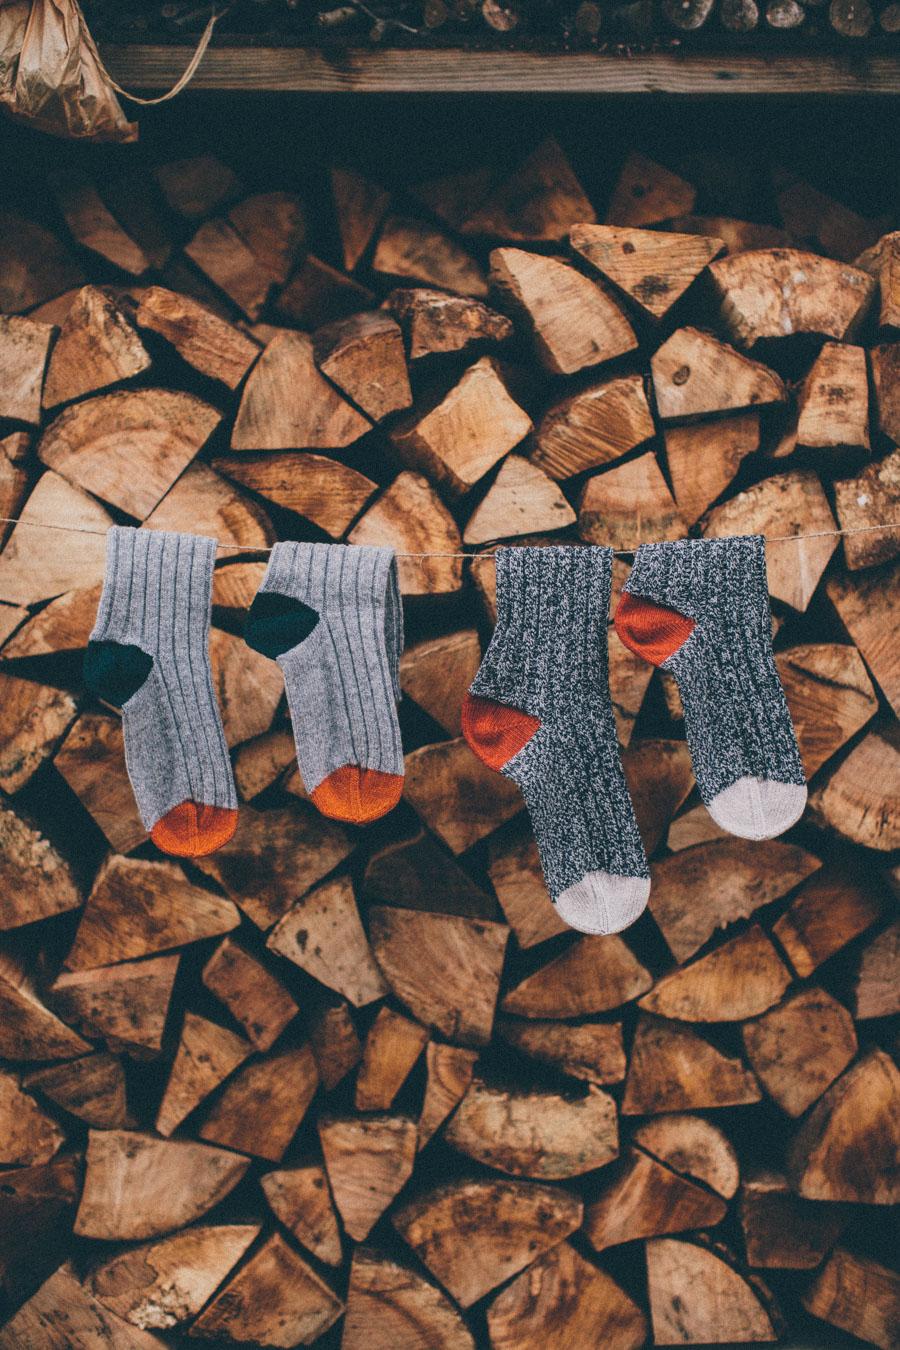 Chunky woollen socks